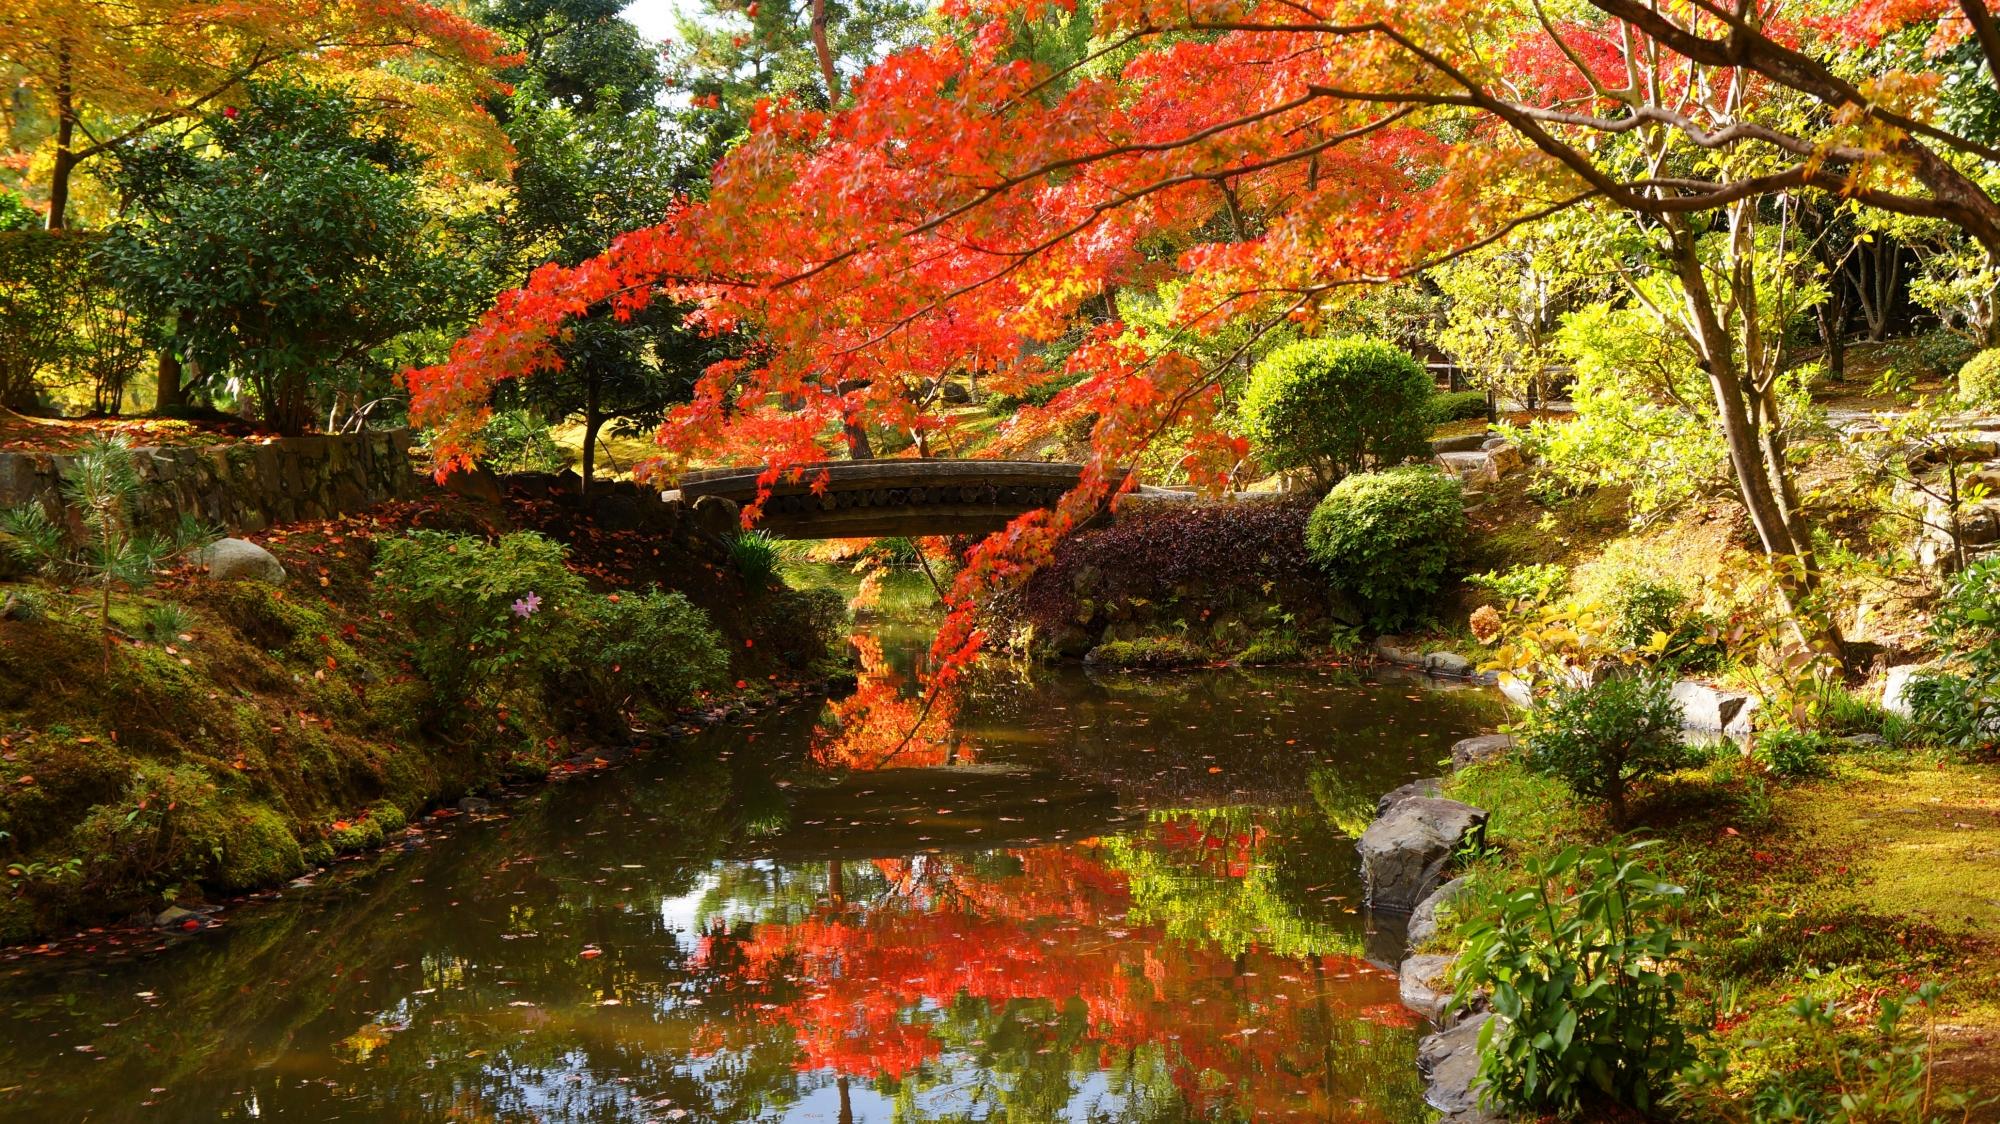 美しい紅葉の水鏡で知られる等持院の心字池